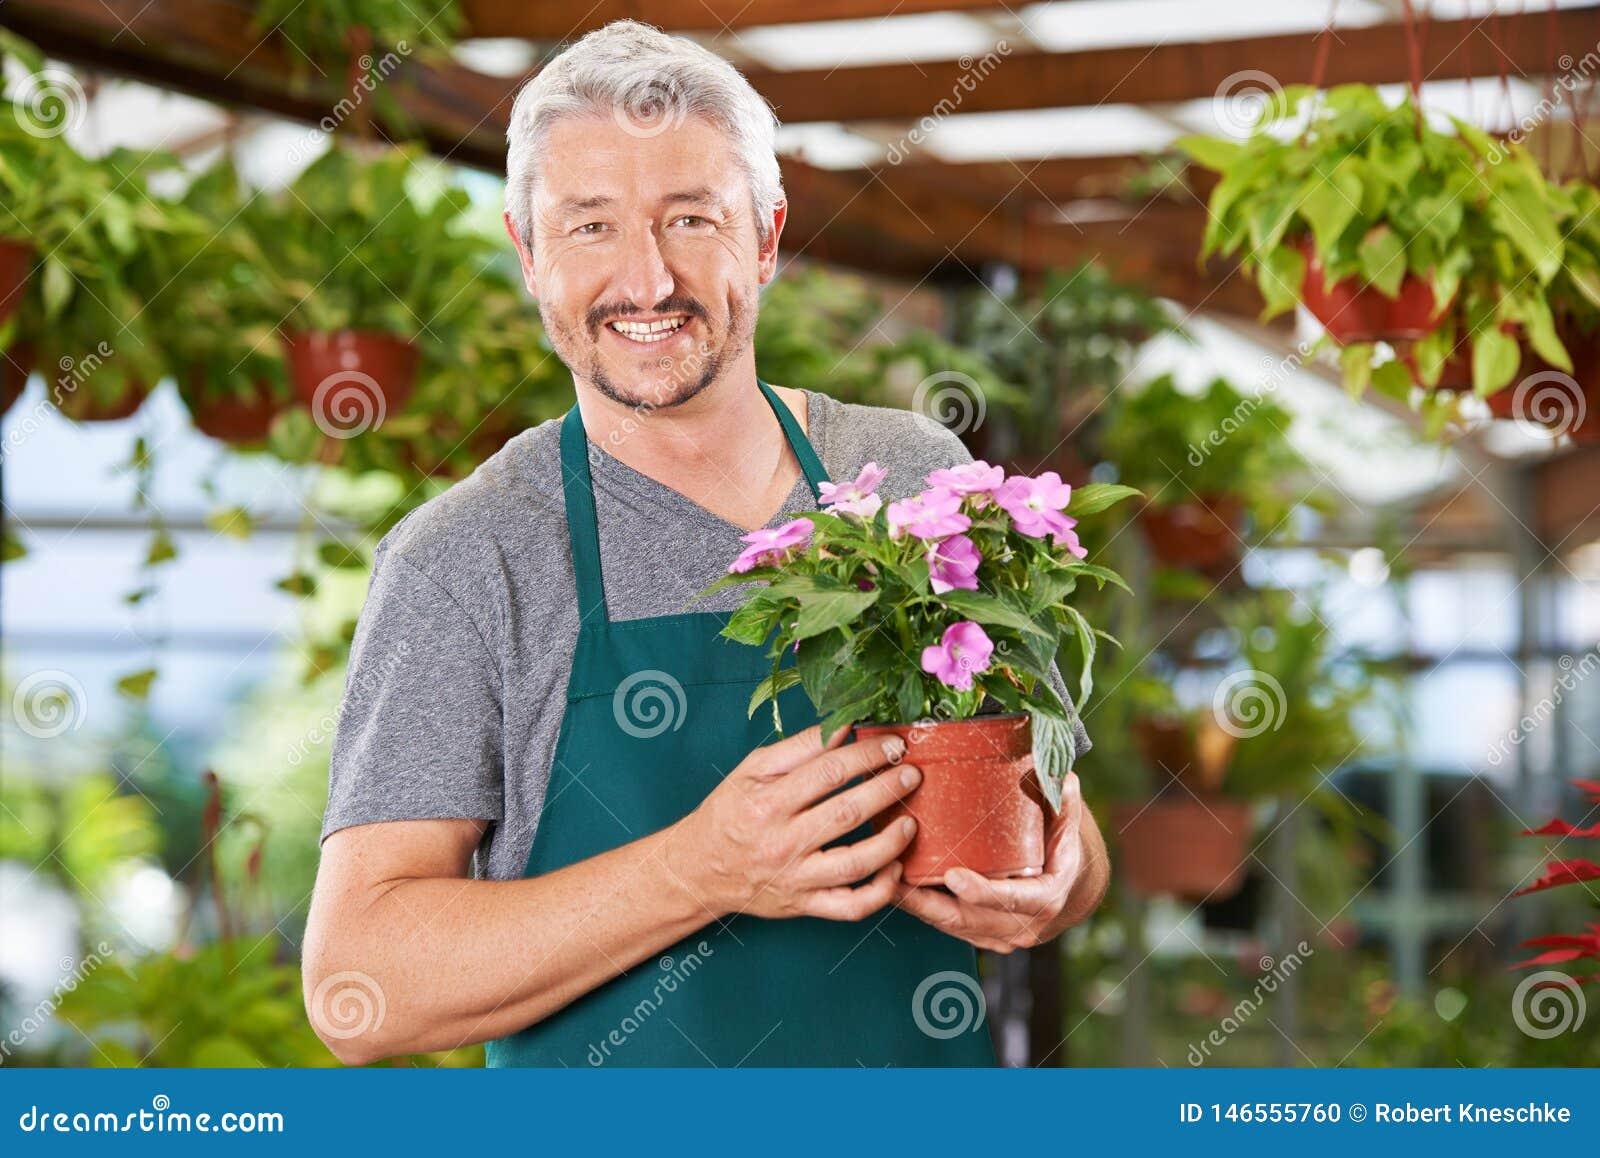 人在园艺中心工作作为一个卖花人